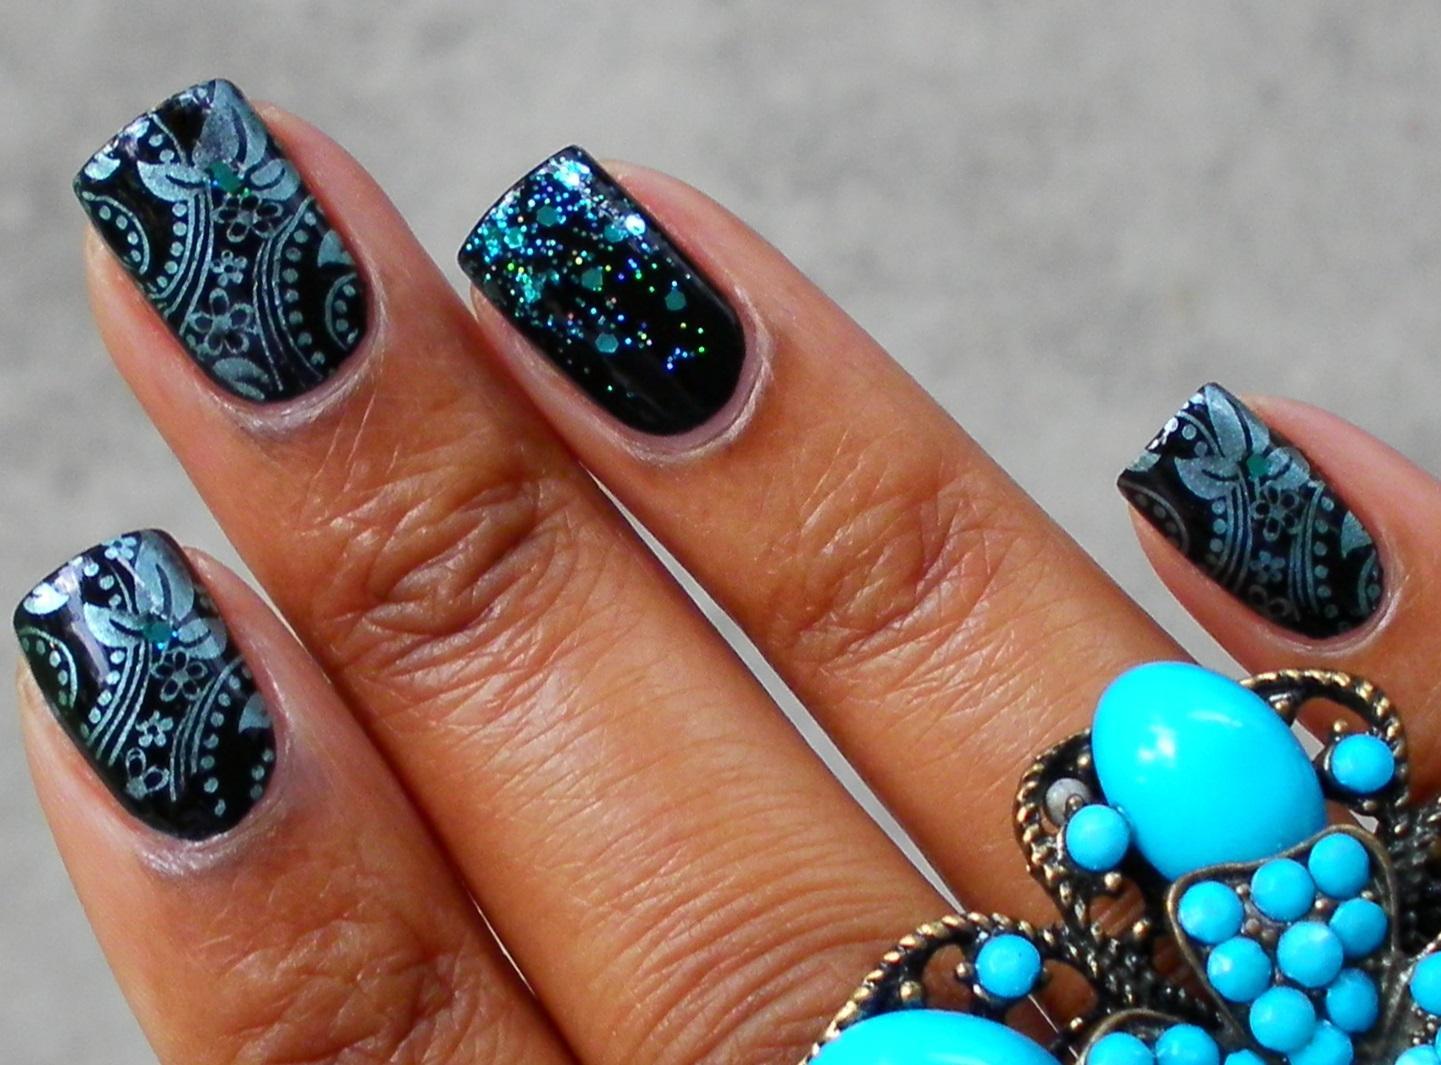 Серебрящиеся голубым стемпинг-узоры на черном маникюре